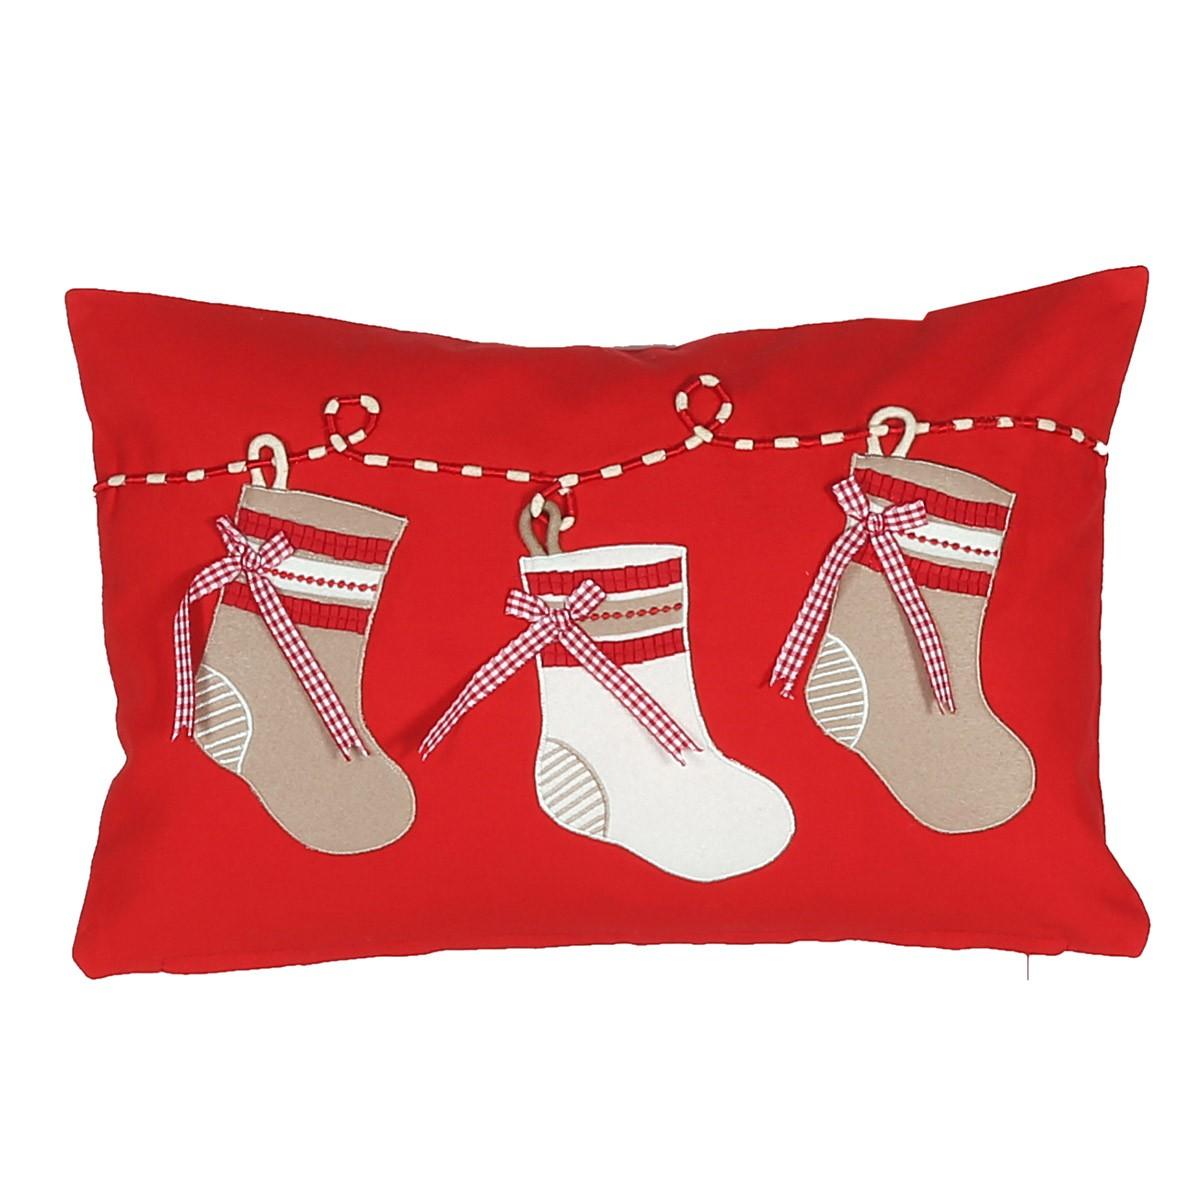 Χριστουγεννιάτικο Μαξιλάρι Nef-Nef Boot home   χριστουγεννιάτικα   χριστουγεννιάτικα μαξιλάρια